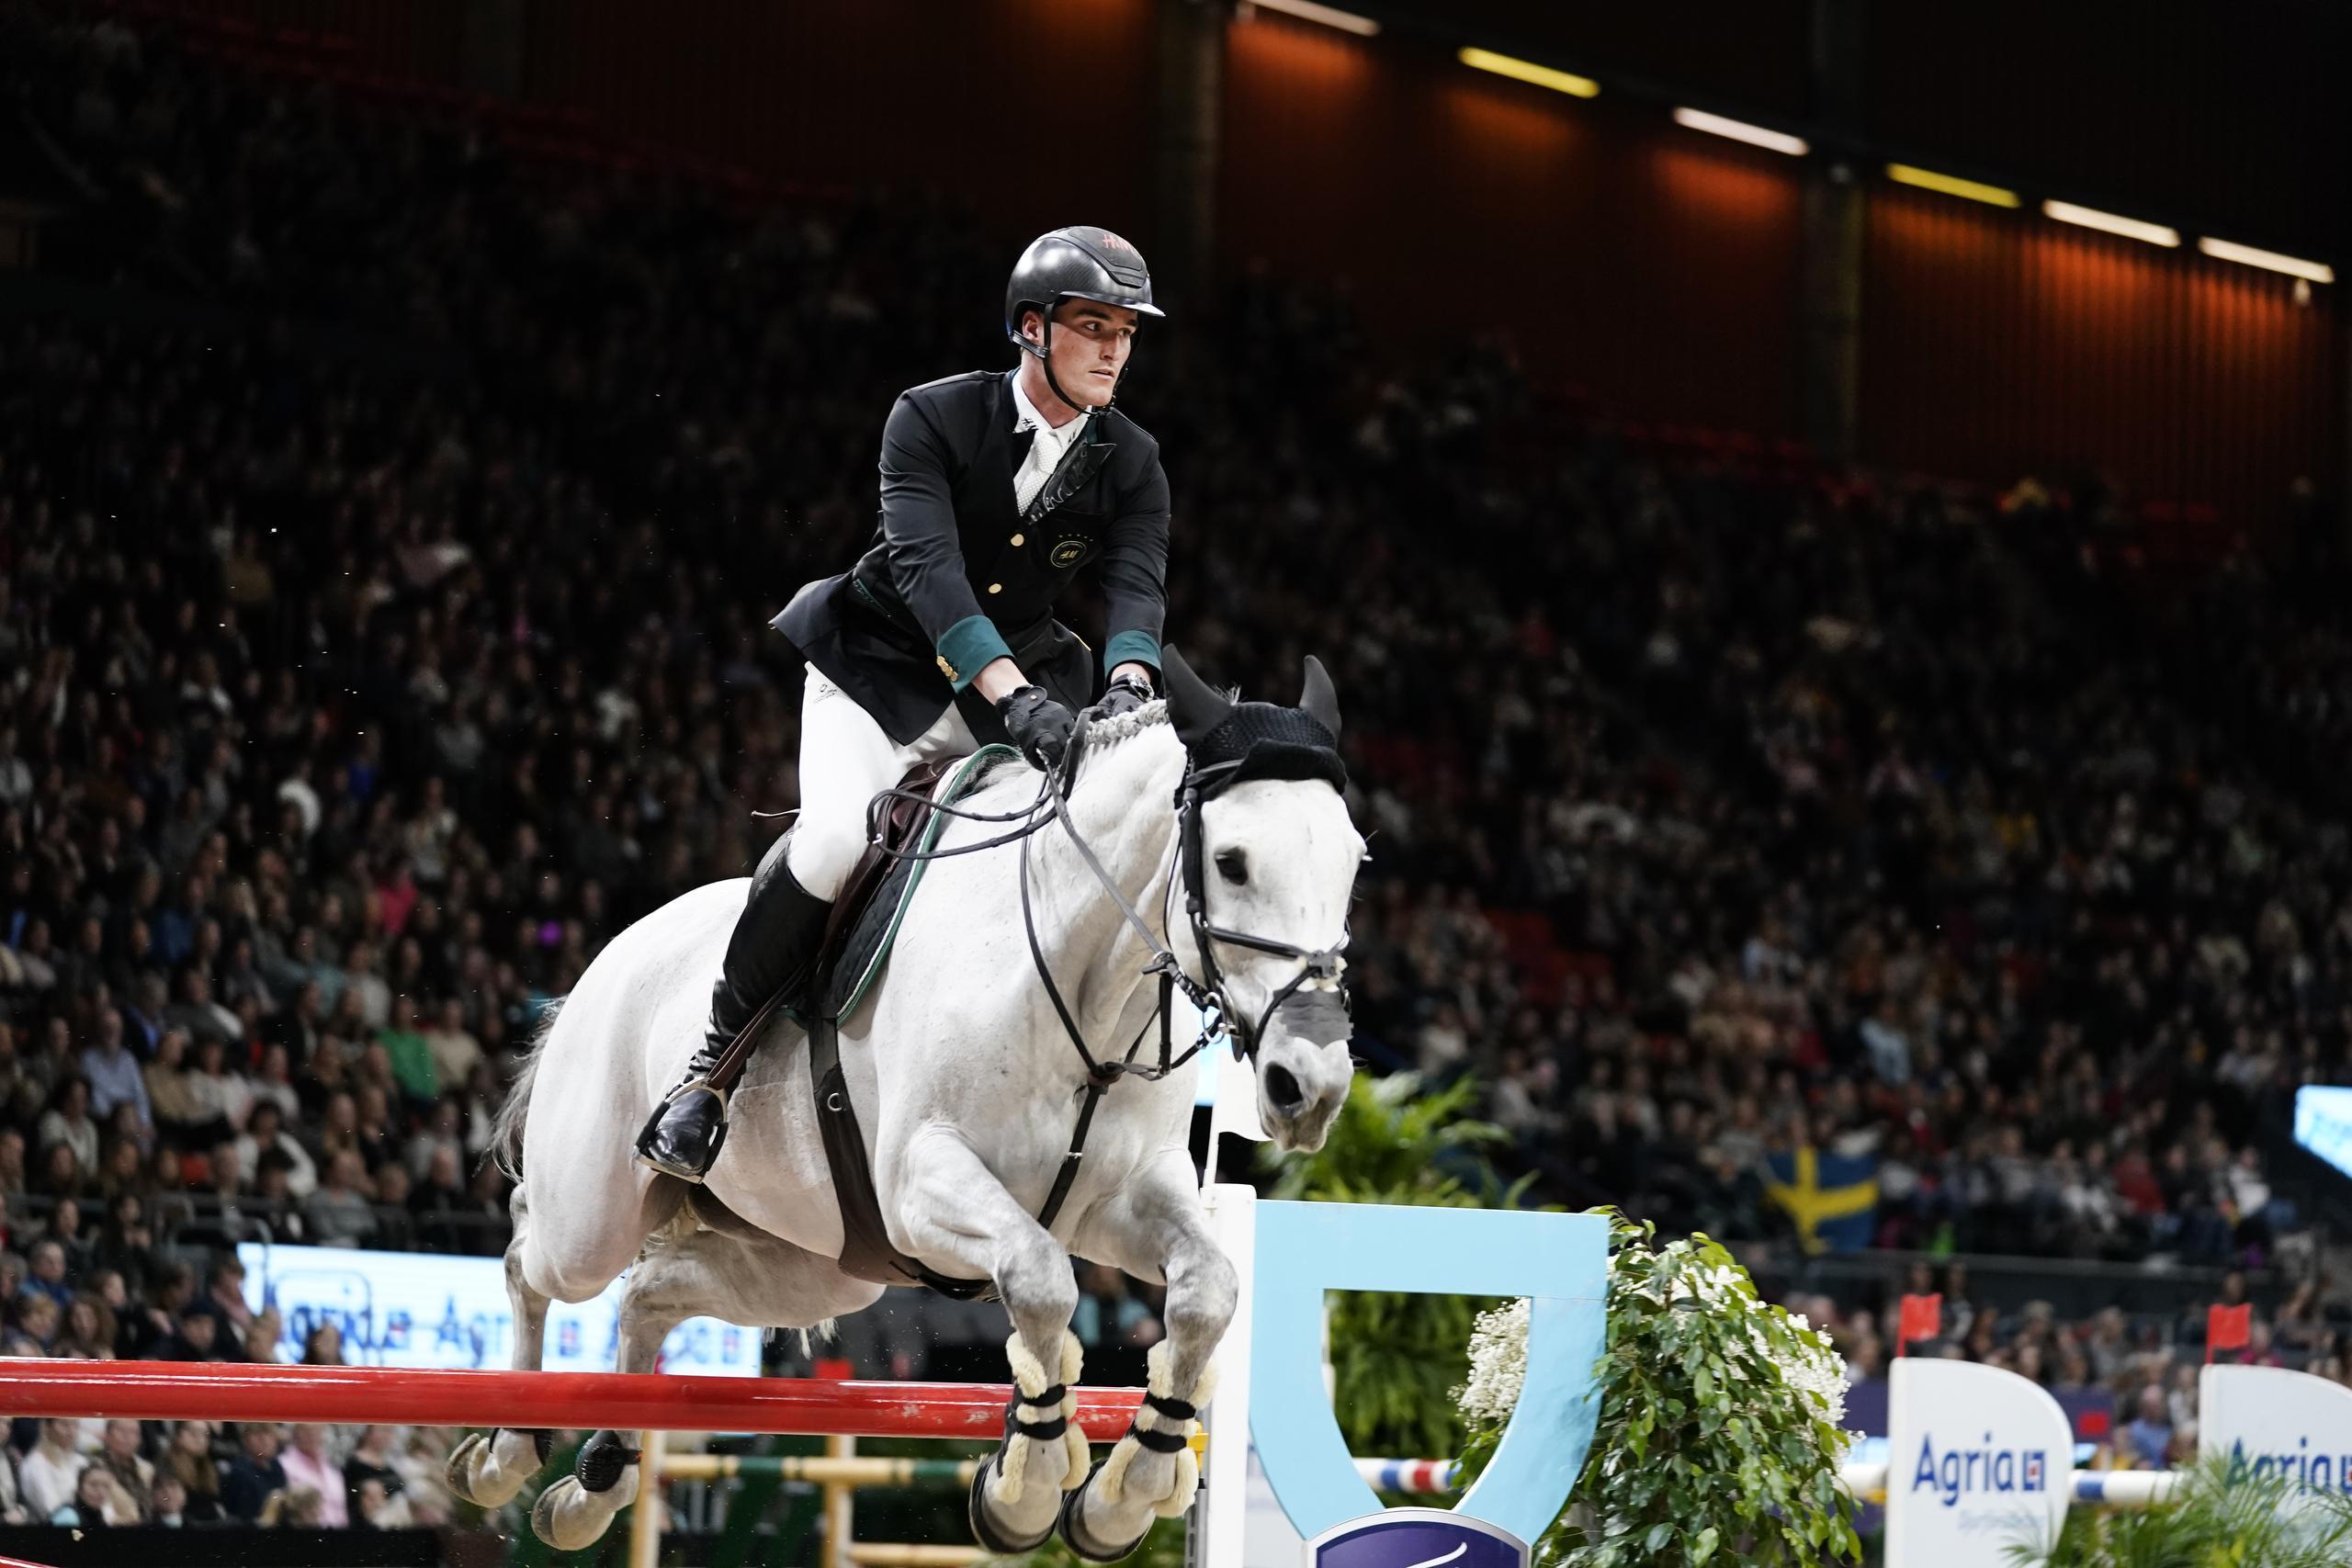 Tävlingsstopp i svensk ridsport – Billdal horse show ställs in